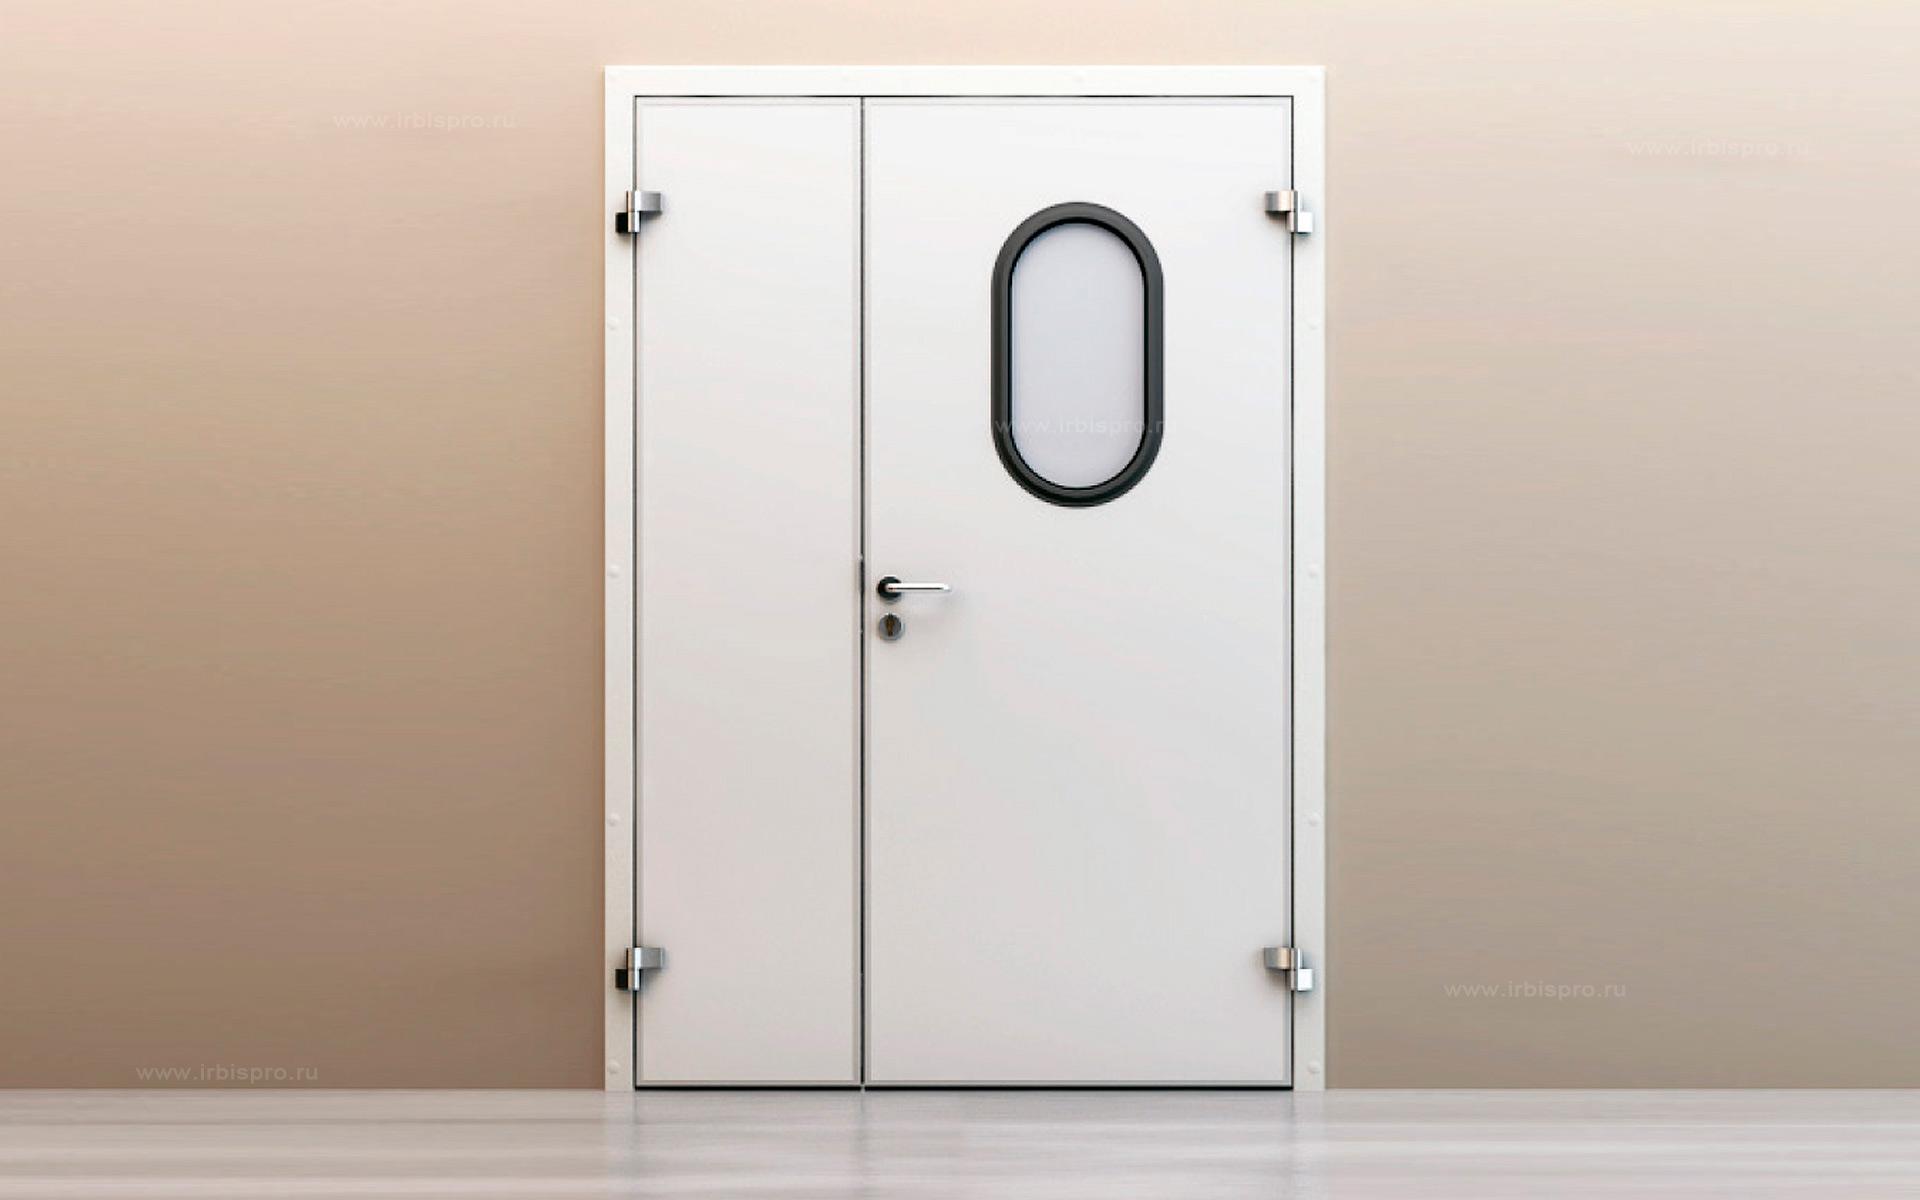 двери металлические белые недорого в москве для технических помещений